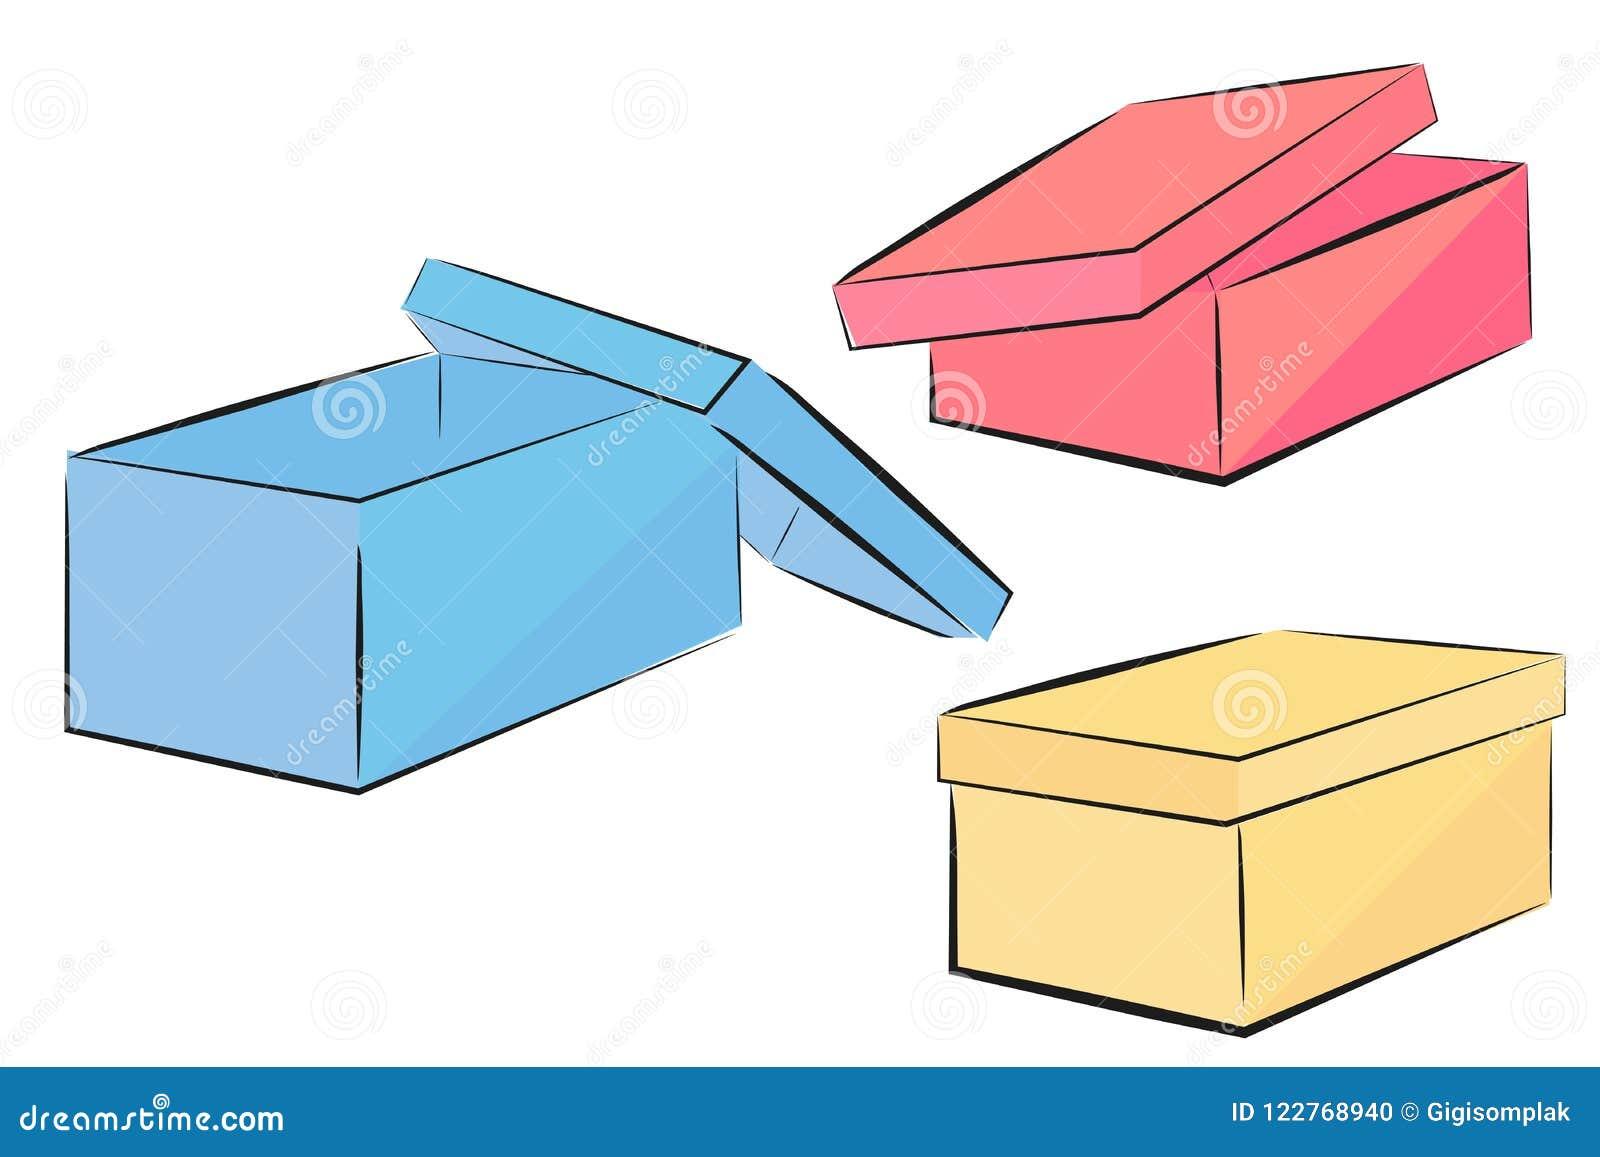 Bosquejo De La Caja De Zapatos Azul Rosada Y Amarilla De La Perspectiva Ilustración Del Vector Ilustración De Paquete Publicidad 122768940